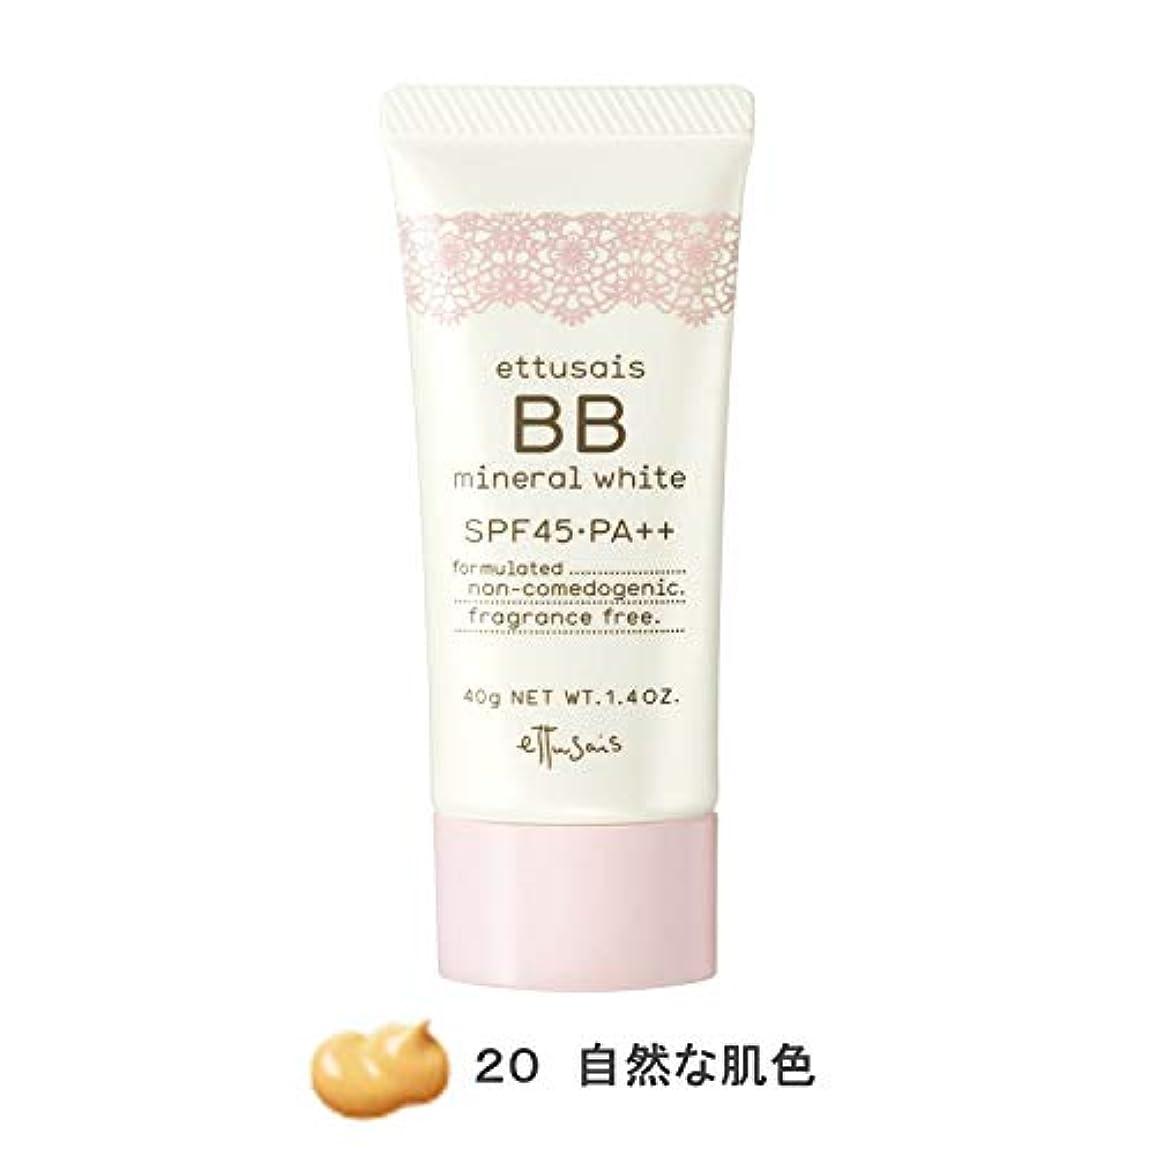 残基すりアラビア語エテュセ BBミネラルホワイト 20(自然な肌色) SPF45?PA++ 40g